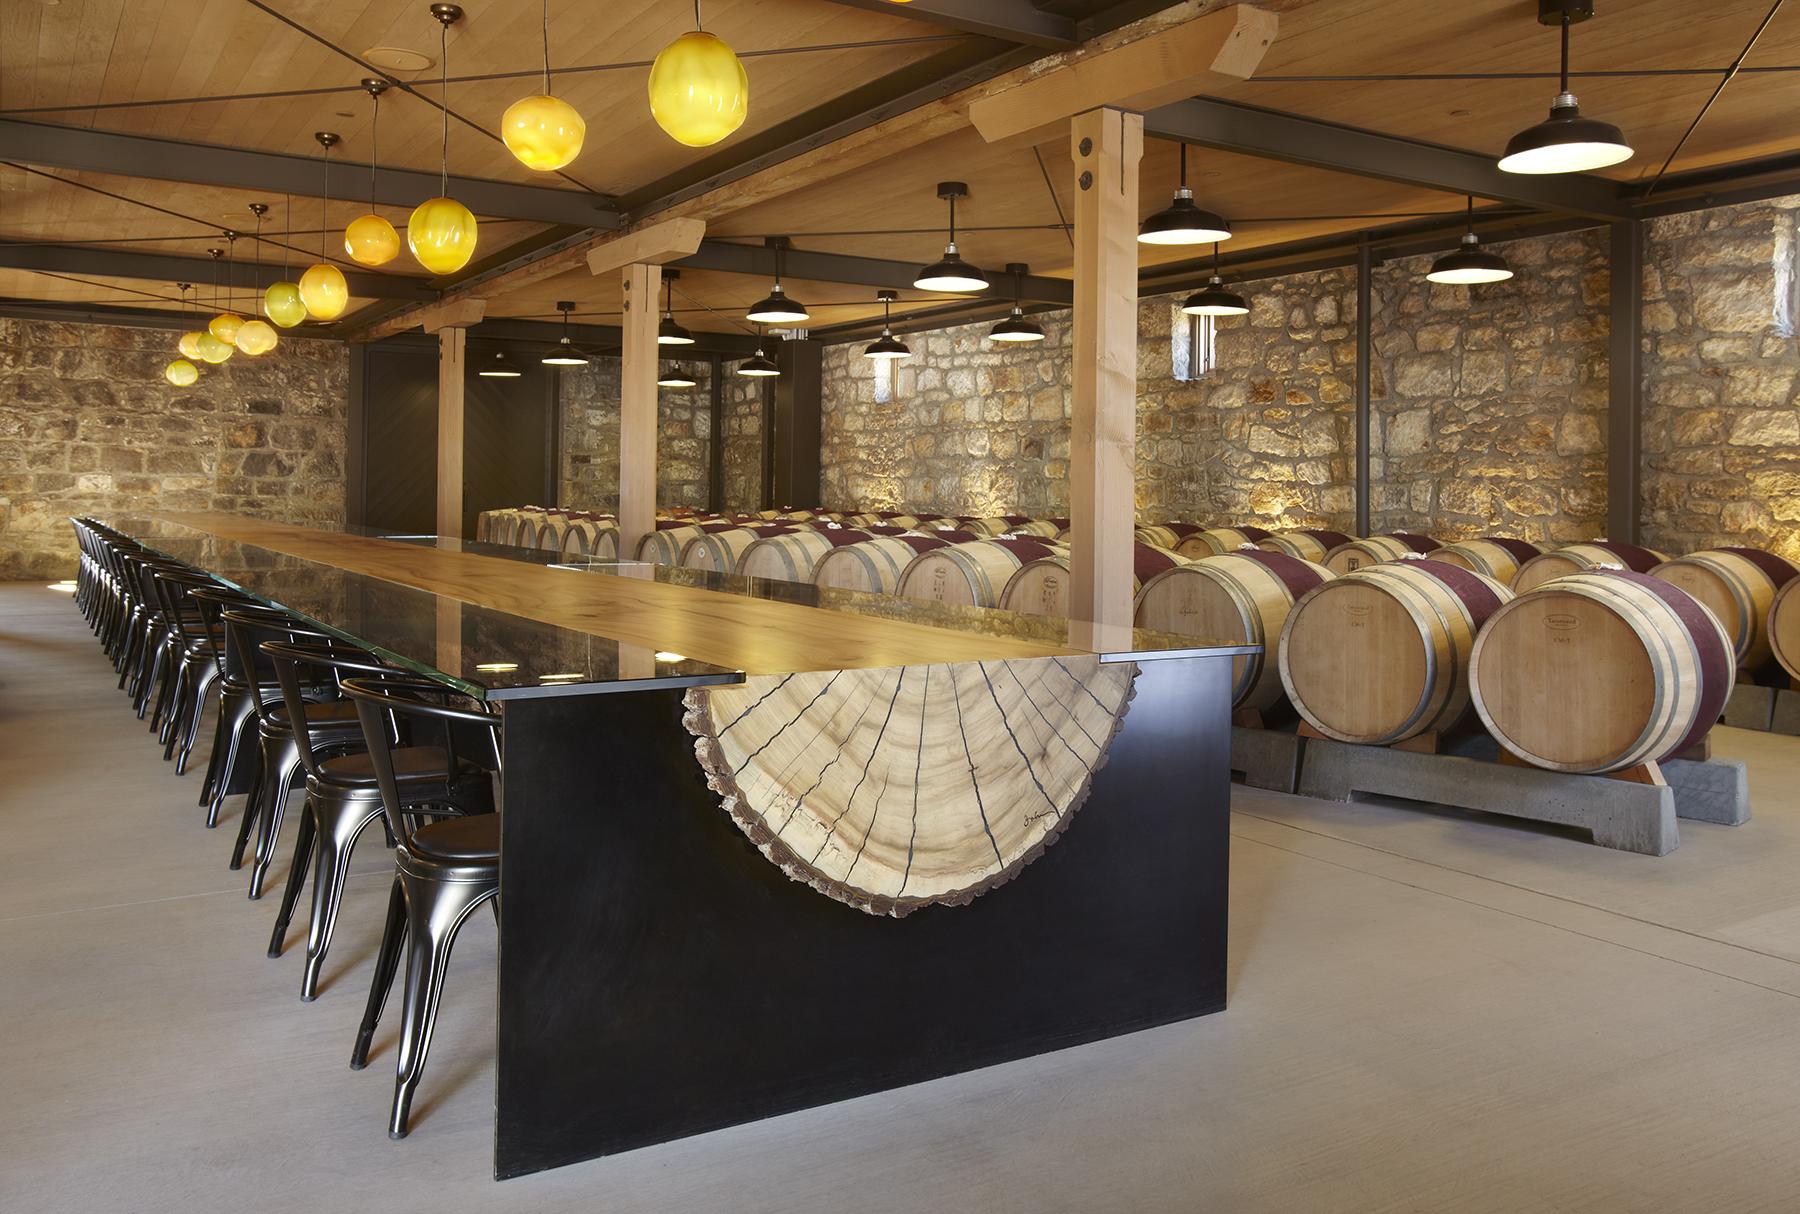 Hall Wines St Helena Tasting Room & Winery Nicolehollis